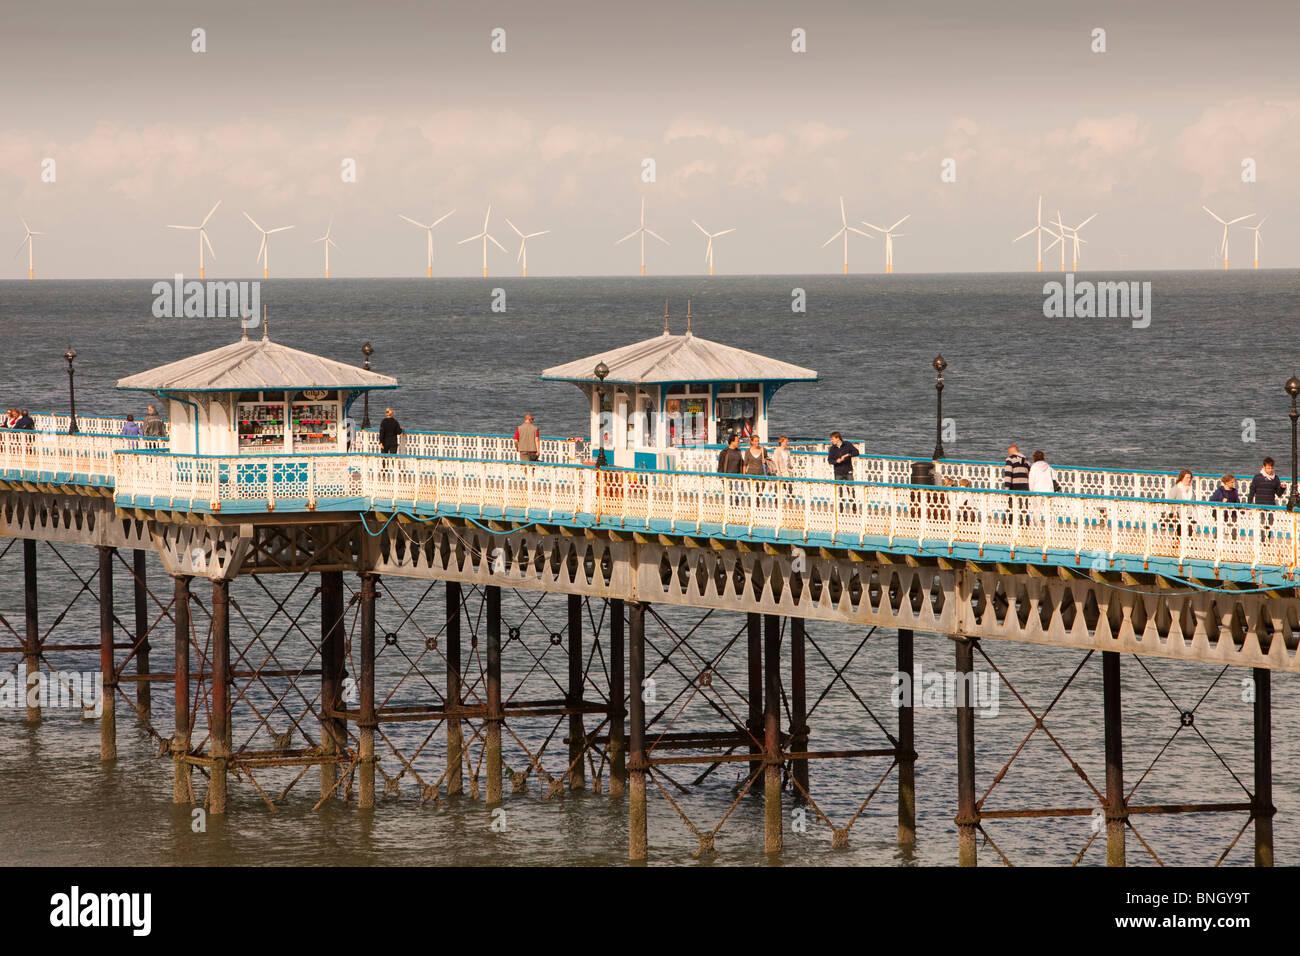 Rhyl Flats Offshore Wind Farm And Llandudno Pier North